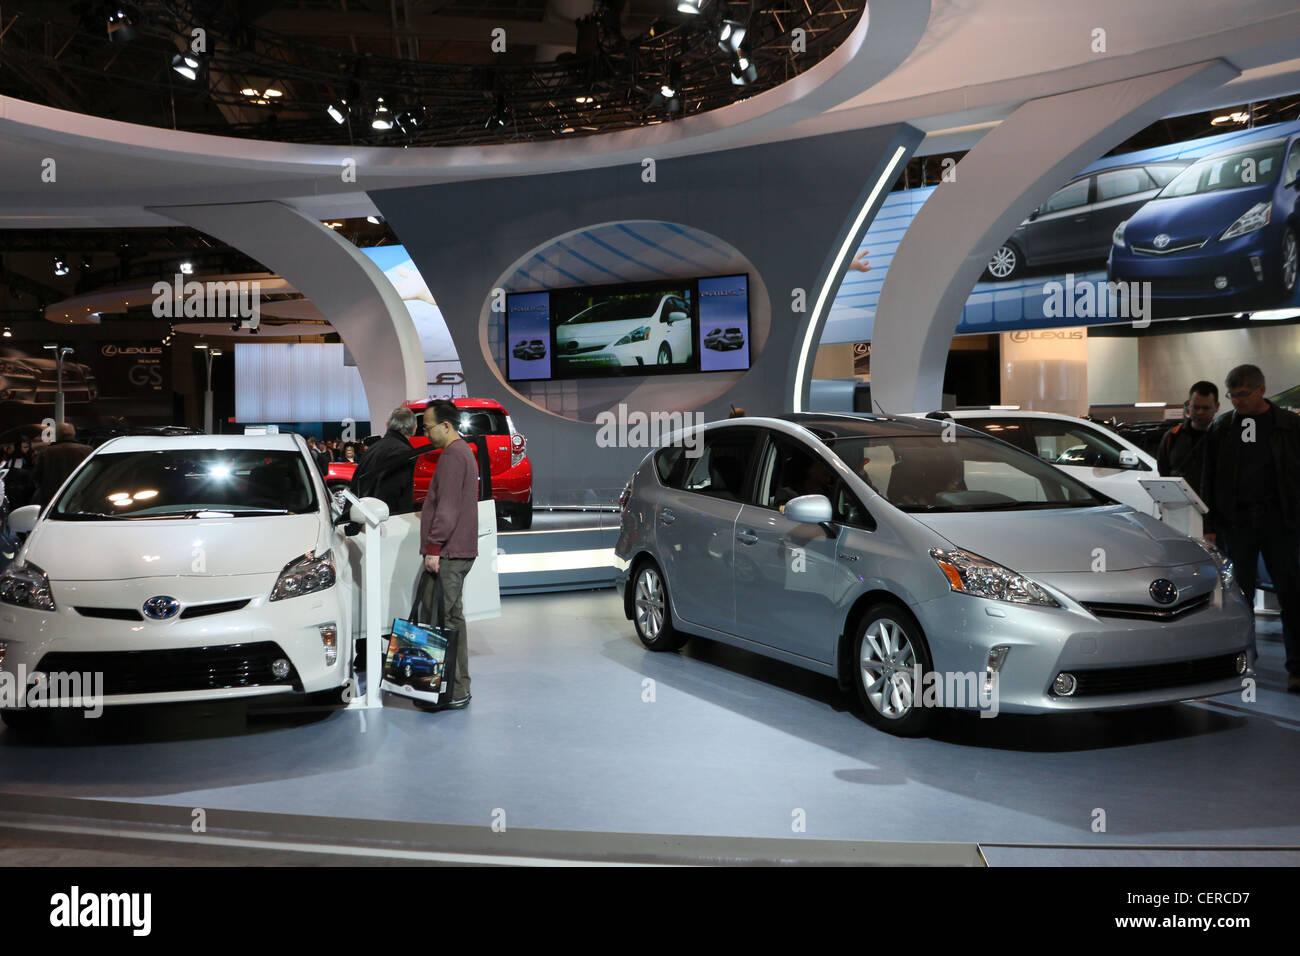 Toyota Prius híbrido de coches eléctricos coches showroom Imagen De Stock